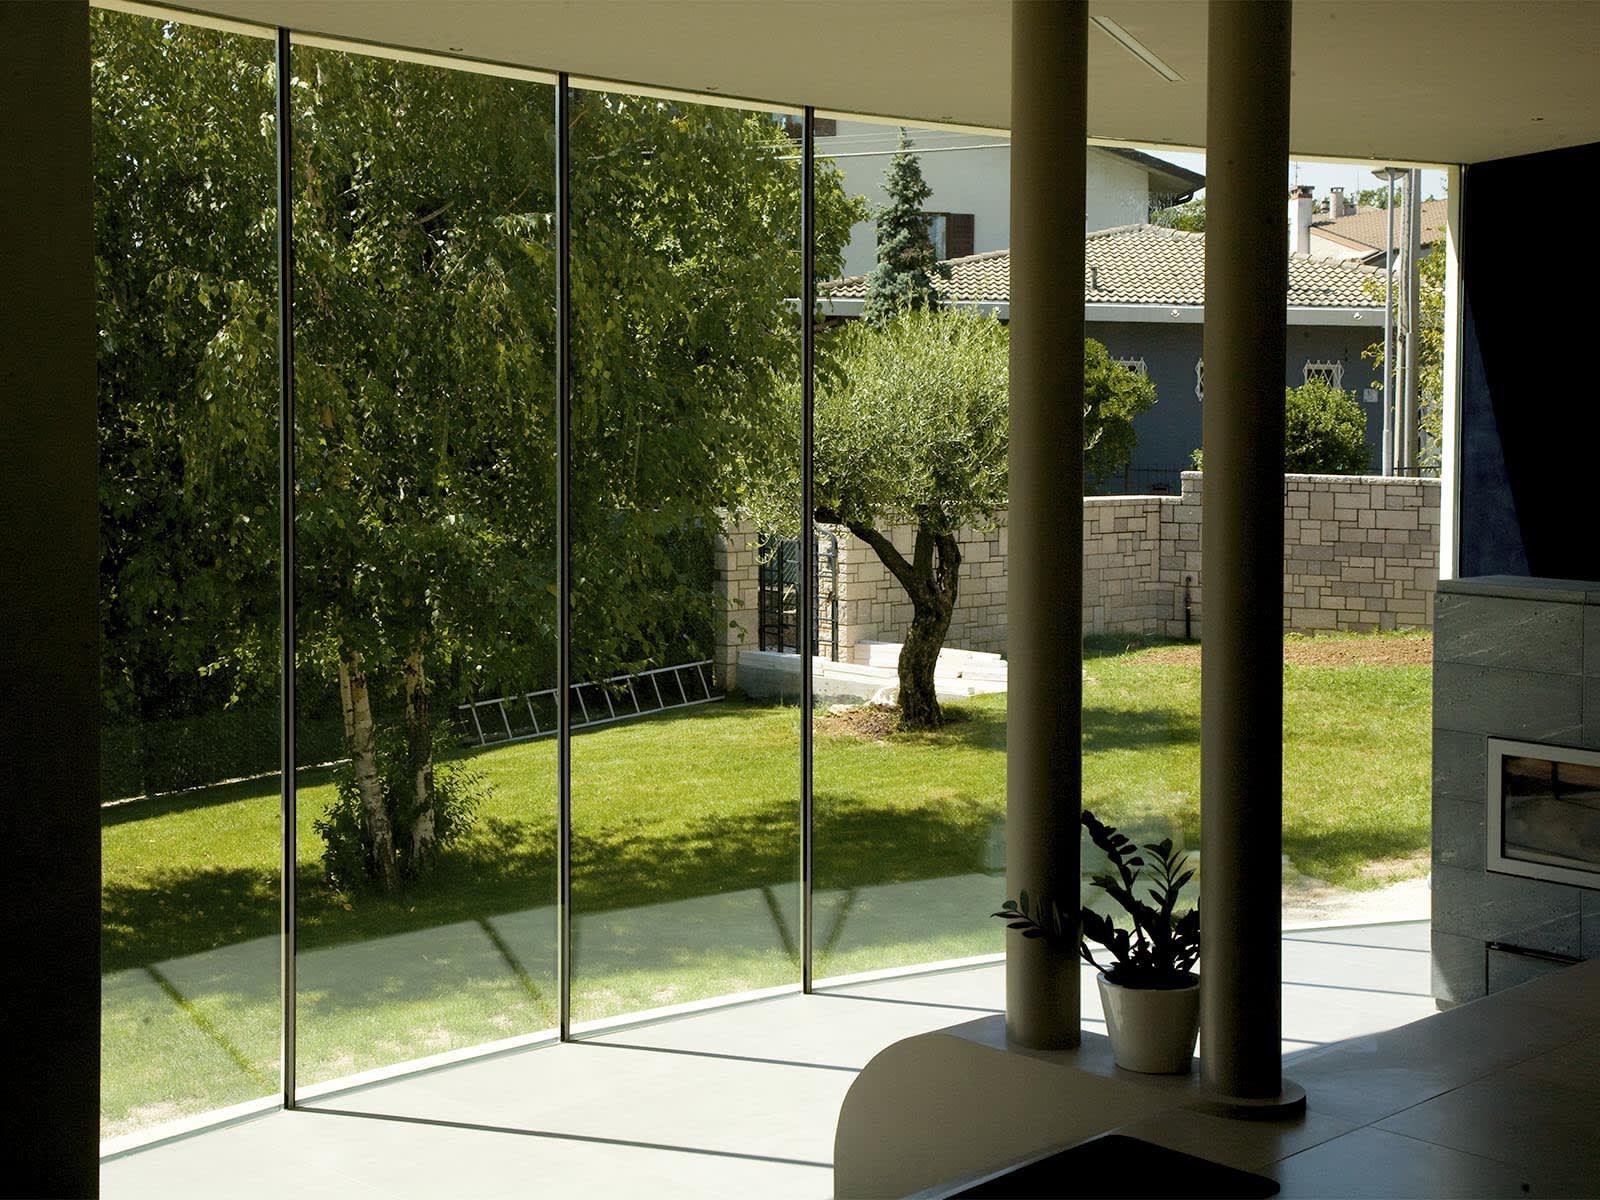 ampie vetrate per godere della luce e del paesaggio